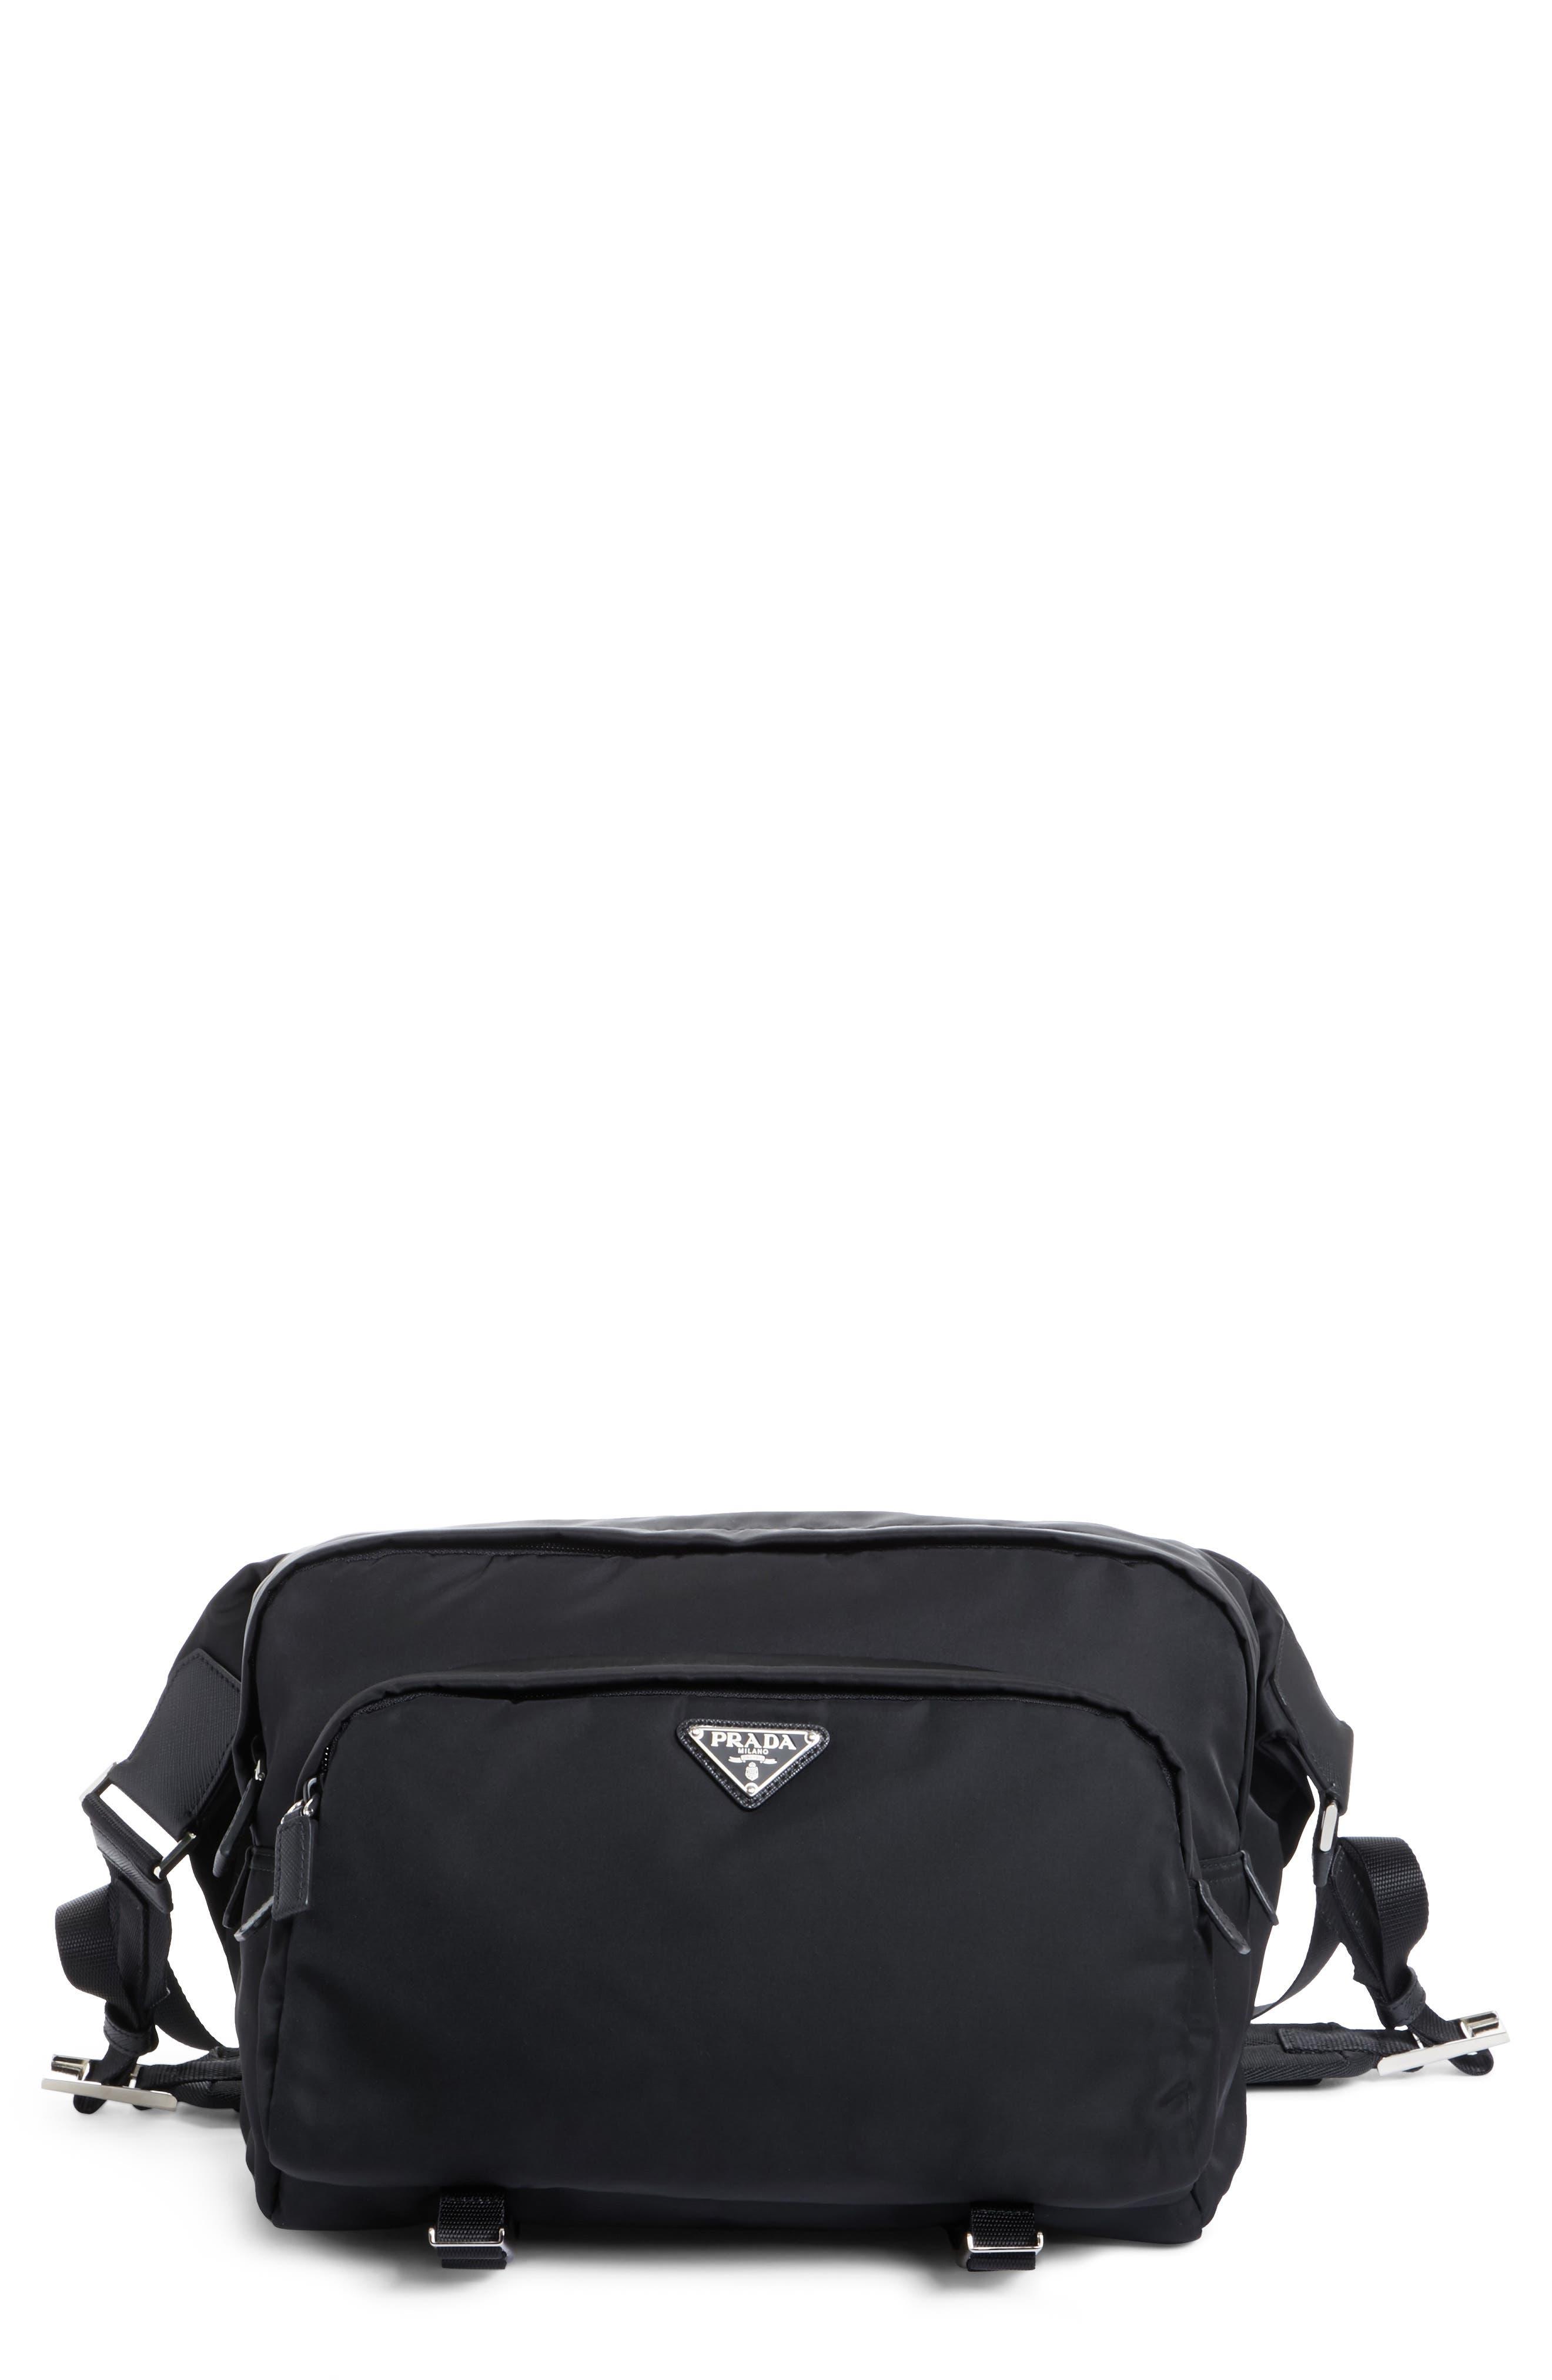 Alternate Image 1 Selected - Prada Messenger Bag